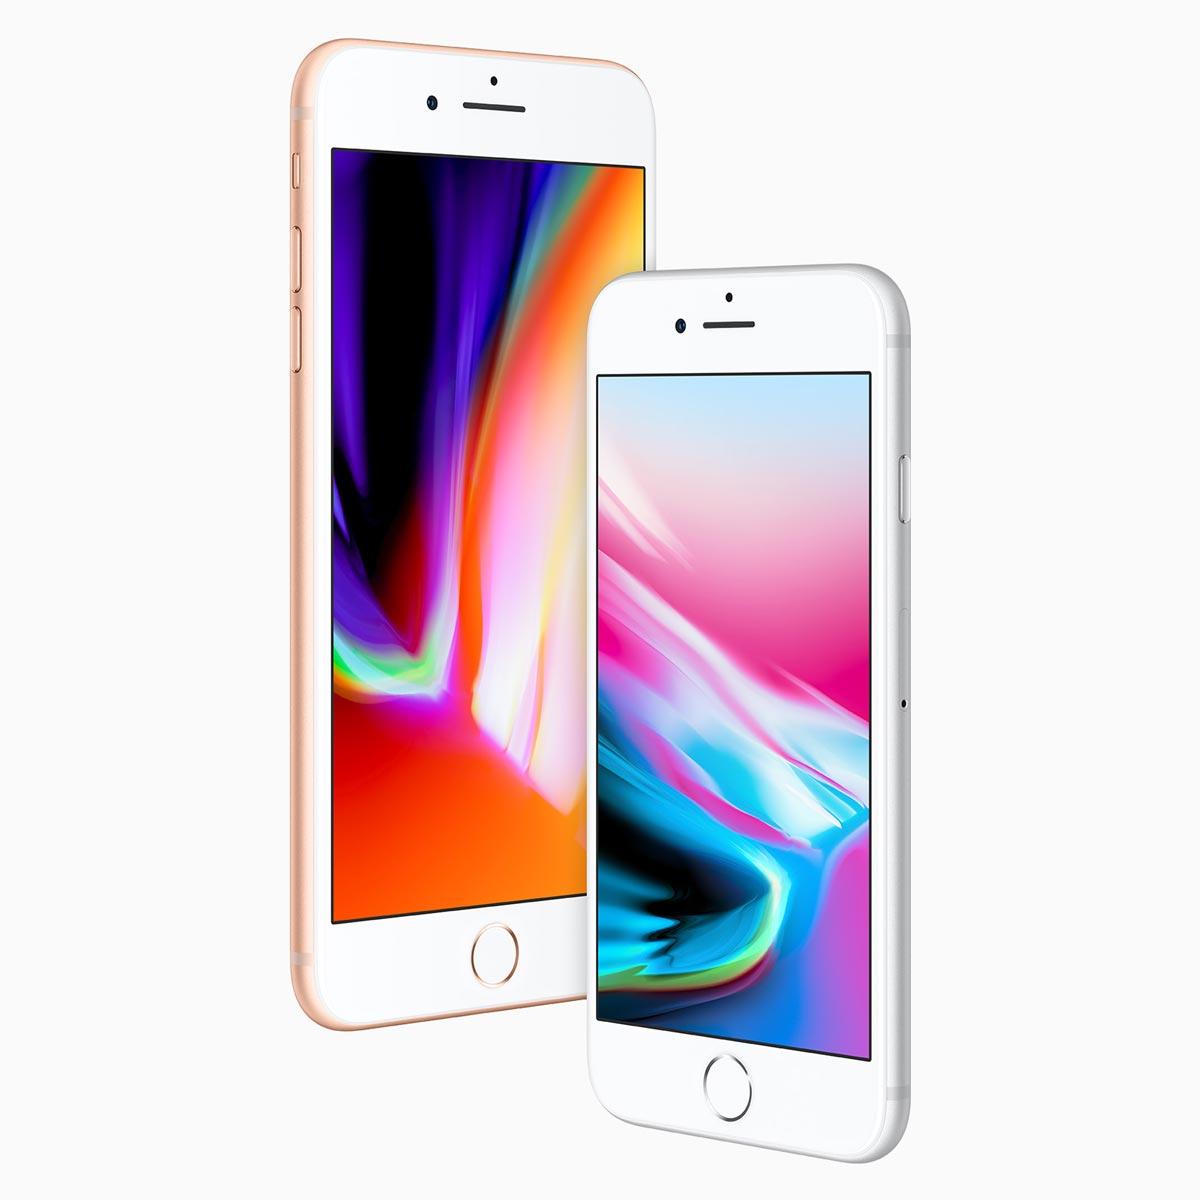 「安くiPhoneを買いたい」人のための、格安iPhone情報まとめ(2019年11月更新)